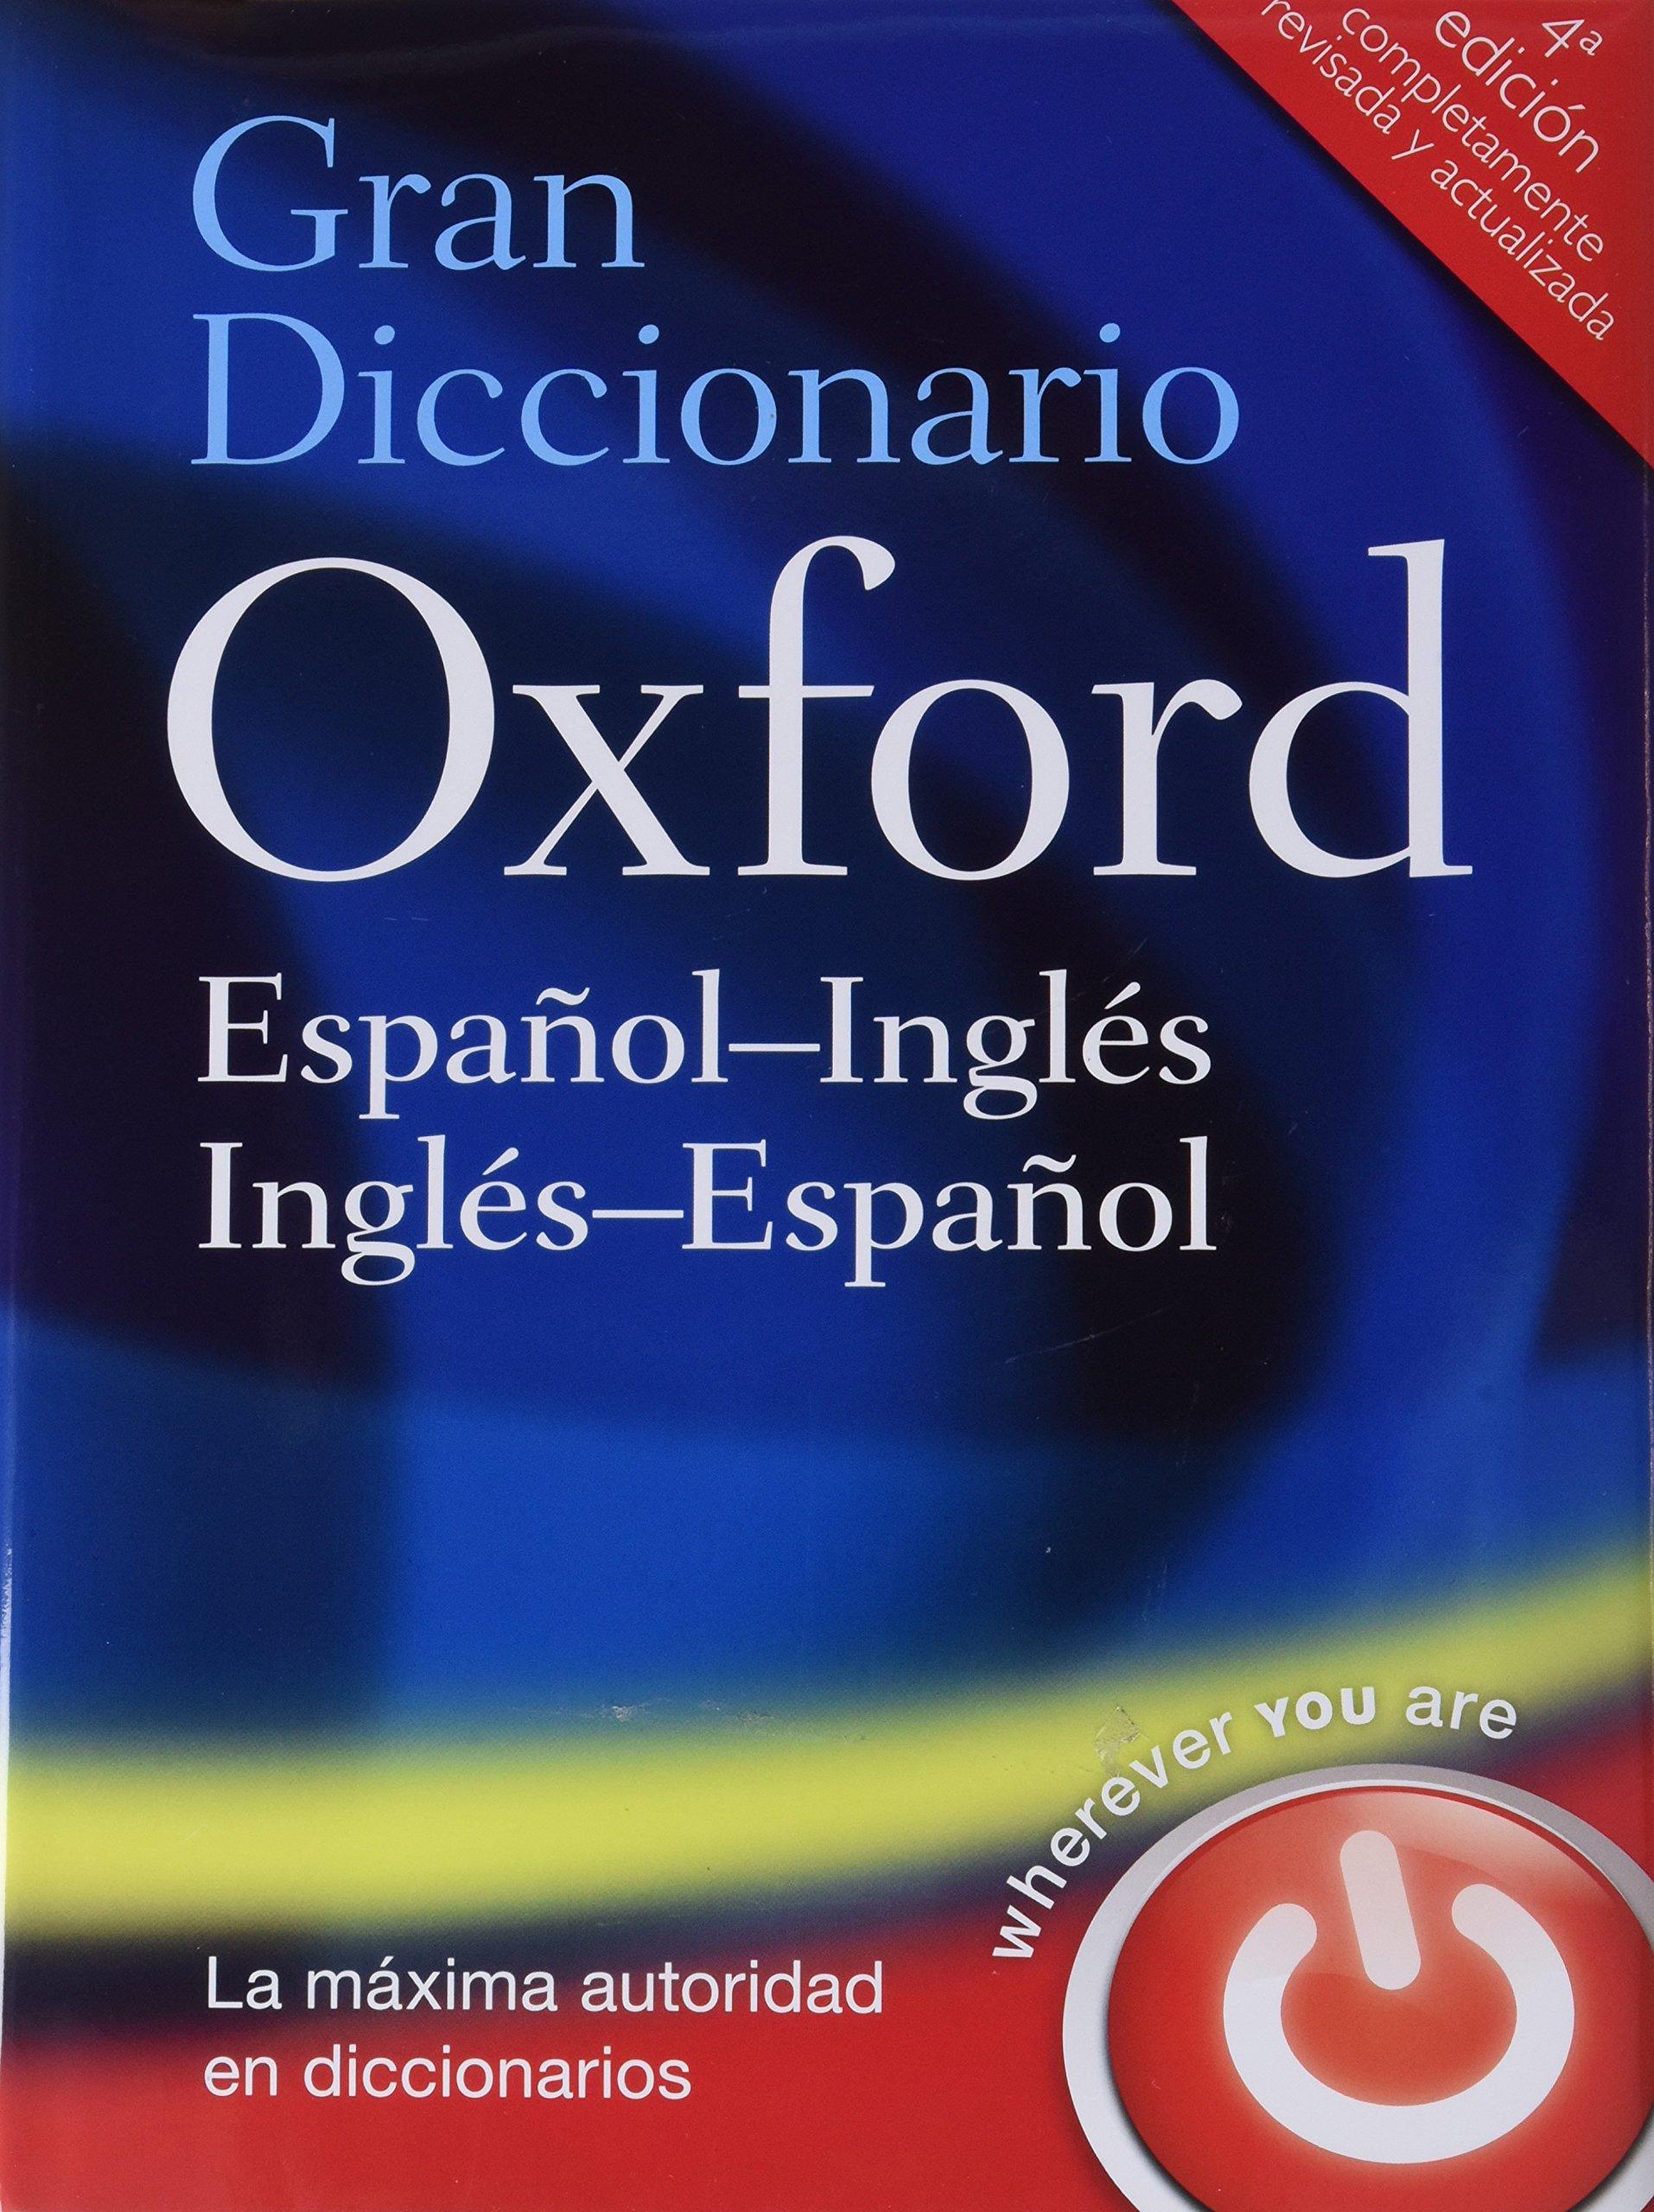 Gran Diccionario Oxford Español-Inglés/Inglés-Español 4 ed Gran Diccionario Oxford Bilingüe: Amazon.es: Varios Autores: Libros